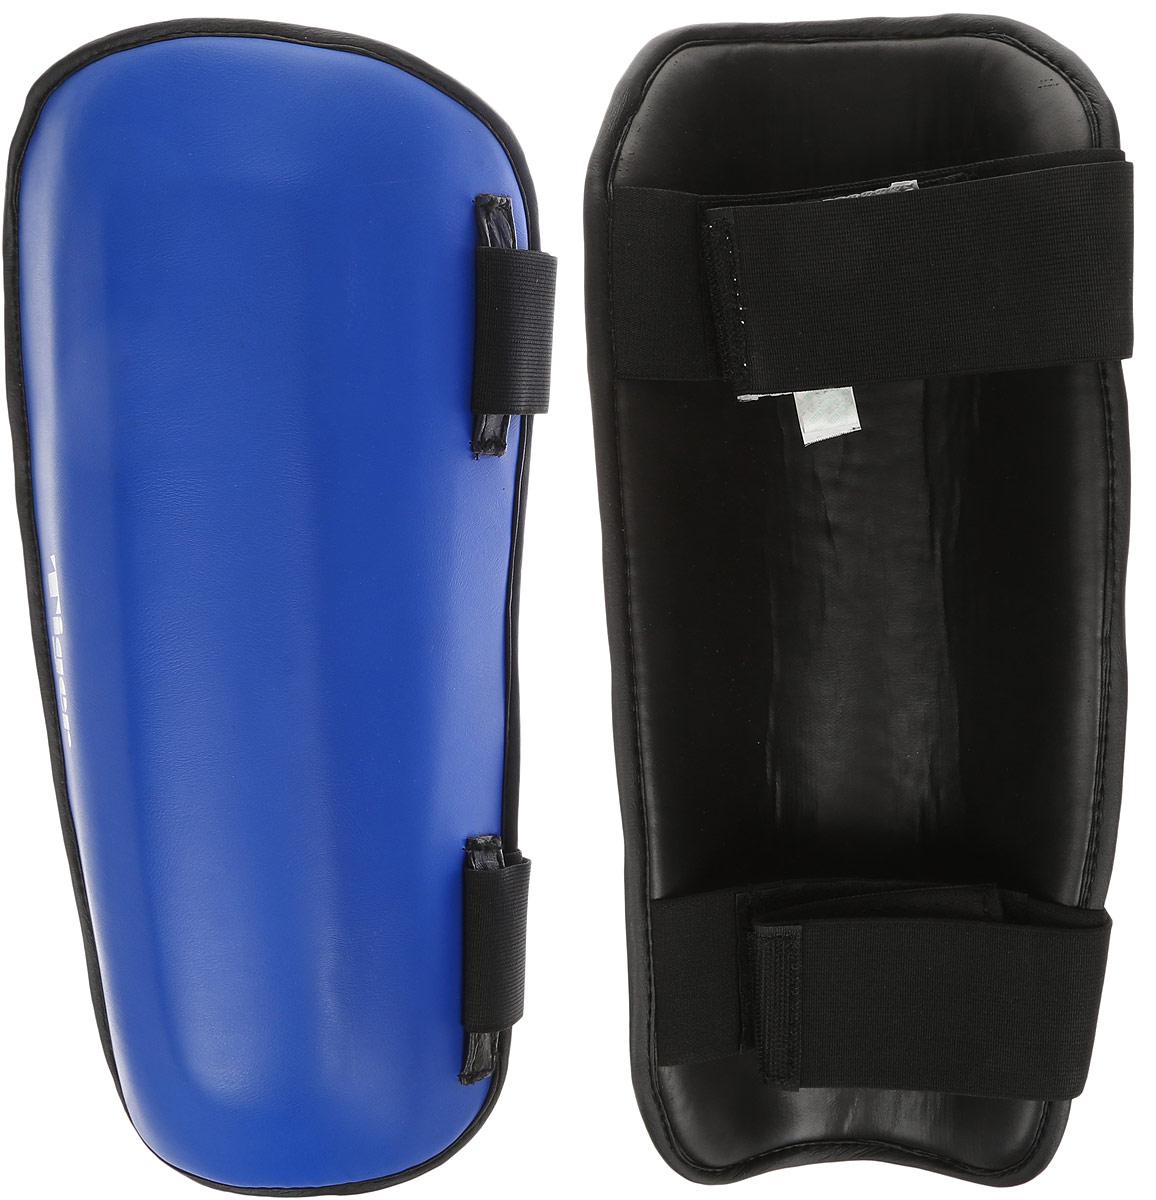 Защита голени Green Hill Tiger, цвет: синий, белый. Размер XL. SPT-2123AIRWHEEL M3-162.8Защита голени Green Hill Tiger с наполнителем, выполненным из вспененного полимера, необходима при занятиях спортом для защиты суставов от вывихов, ушибов и прочих повреждений. Накладки выполнены из высококачественной натуральной кожи. Закрепляются на ноге при помощи эластичных лент и липучек.Длина голени: 36 см.Ширина голени: 15 см.